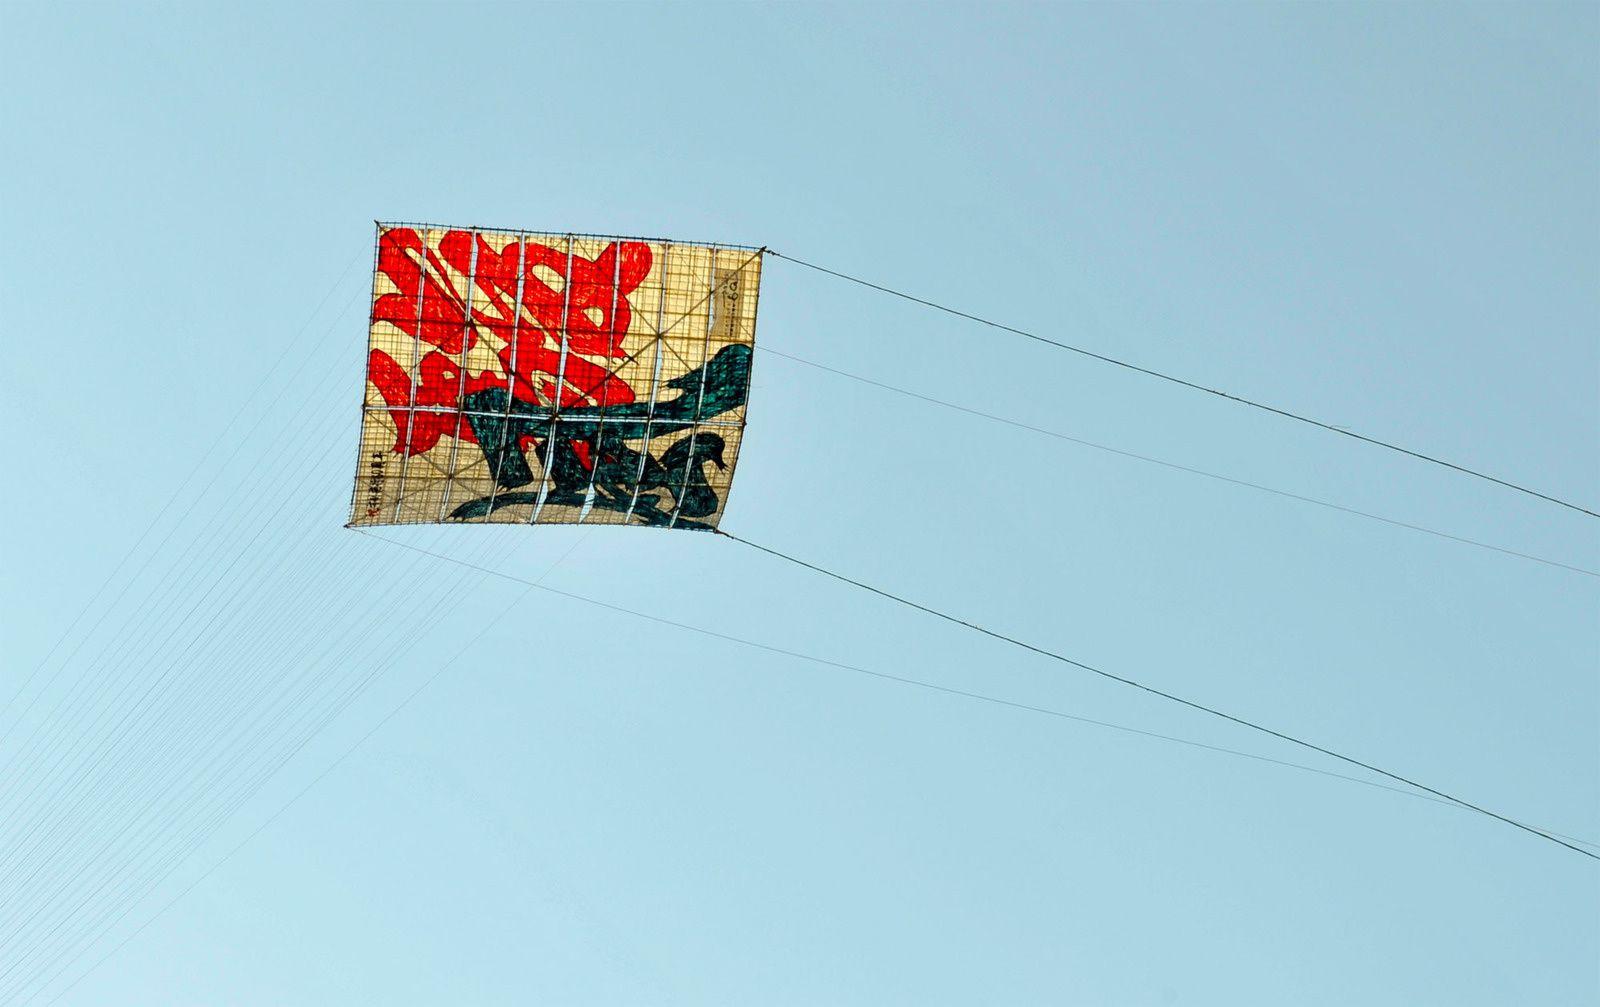 題字は駿風(しゅんぷう) The title is 駿風(SYUNPUU : Fast wind).